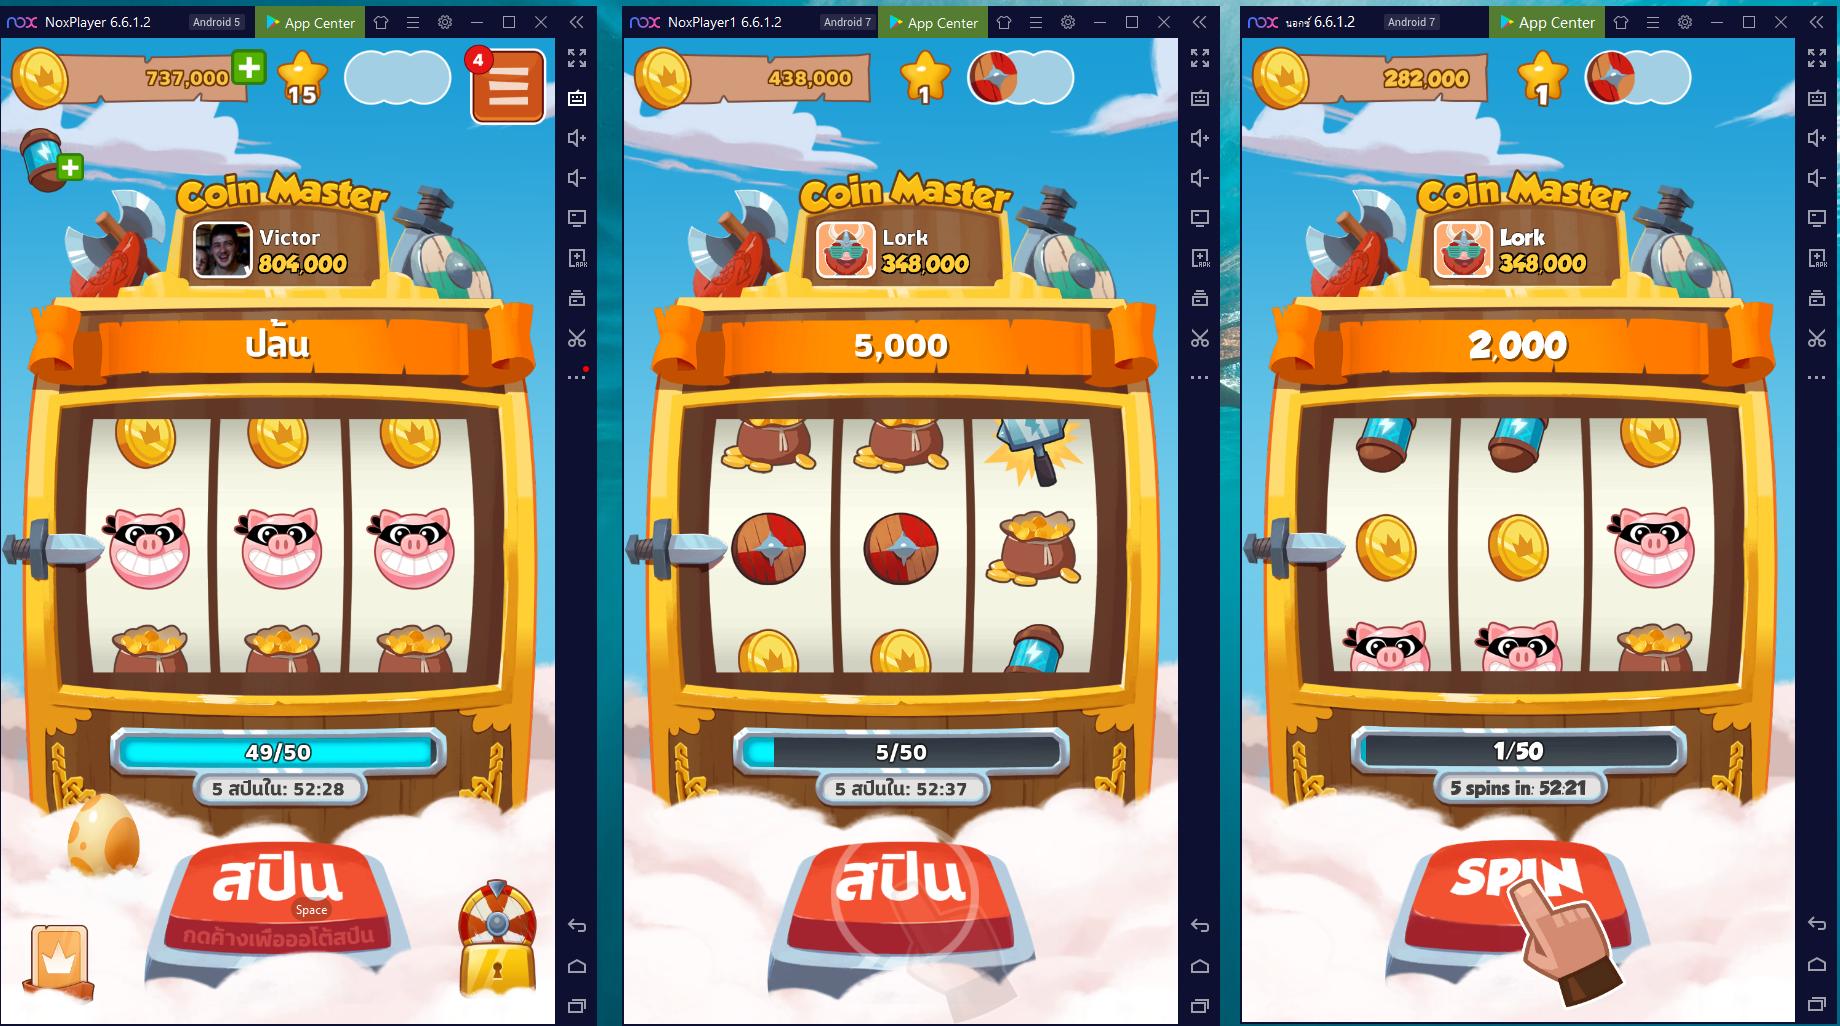 Coin Master ฟรีสปินและเหรียญ แอพการแนะนำ – NoxPlayer